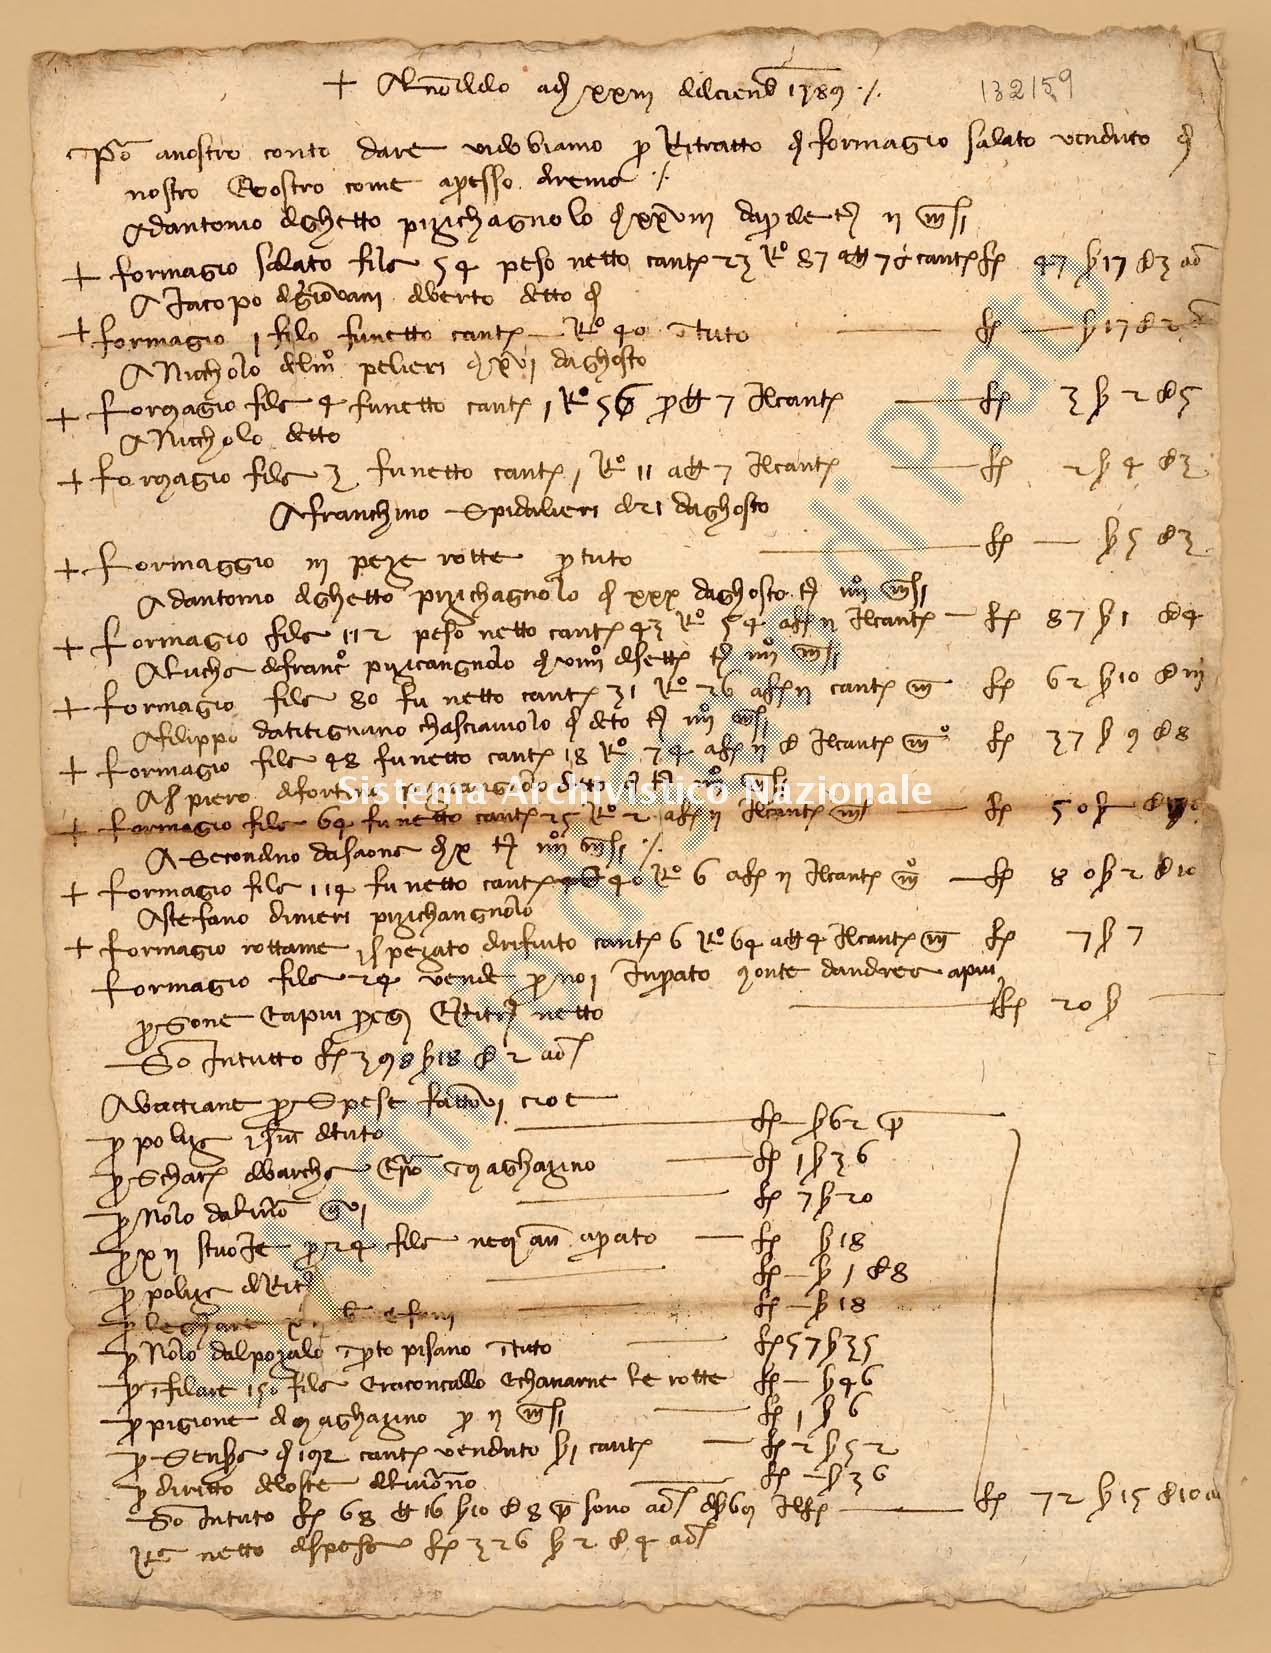 Archivio di Stato di Prato, Fondo Datini, Appendice al carteggio, 1116.143 Lettere Di Datini Francesco Di Marco a Biagio Di Donato Da Firenze (busta 1116, inserto 143, codice 132159)